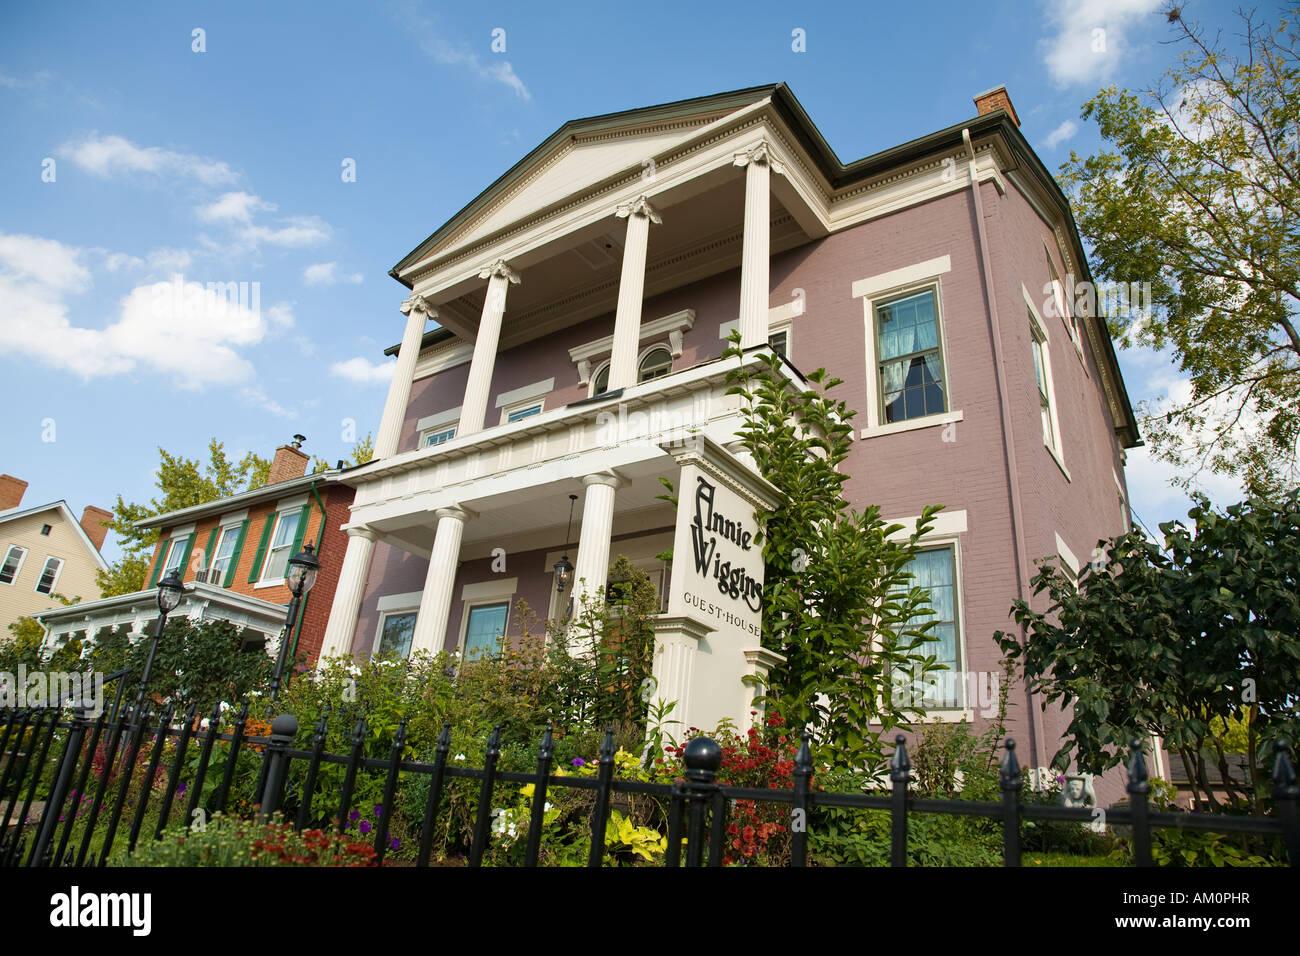 Extérieur de la galène ILLINOIS Annie Wiggins guest house bed and breakfast clôture en fer forgé et le jardin Banque D'Images